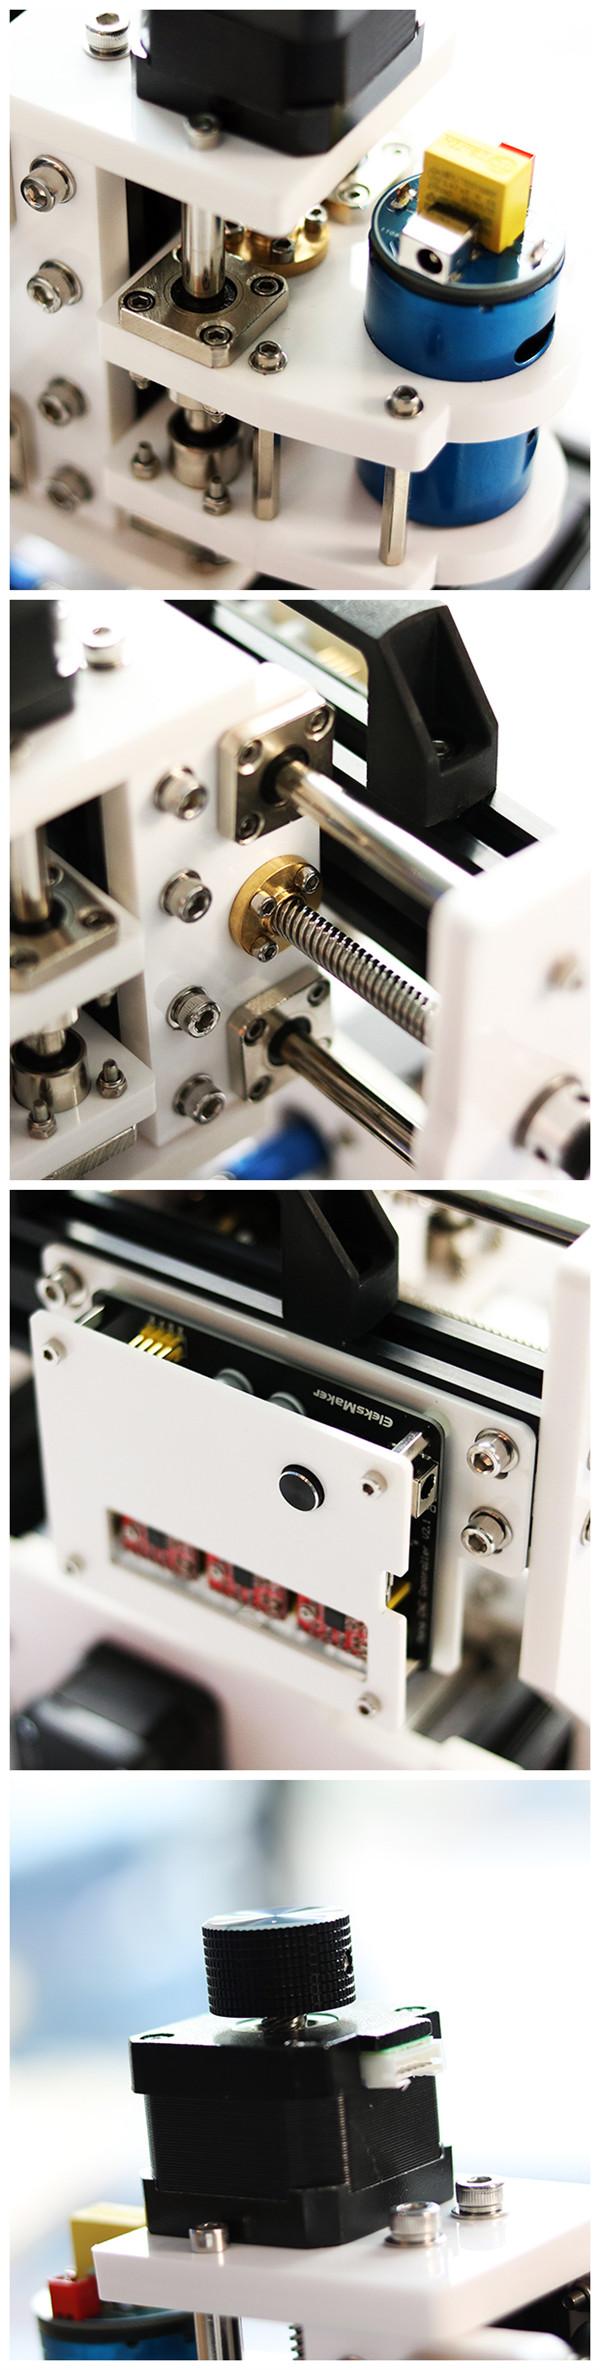 EleksMaker® EleksMill CNC Micro гравировальный станок с лазерным модулем 500mW